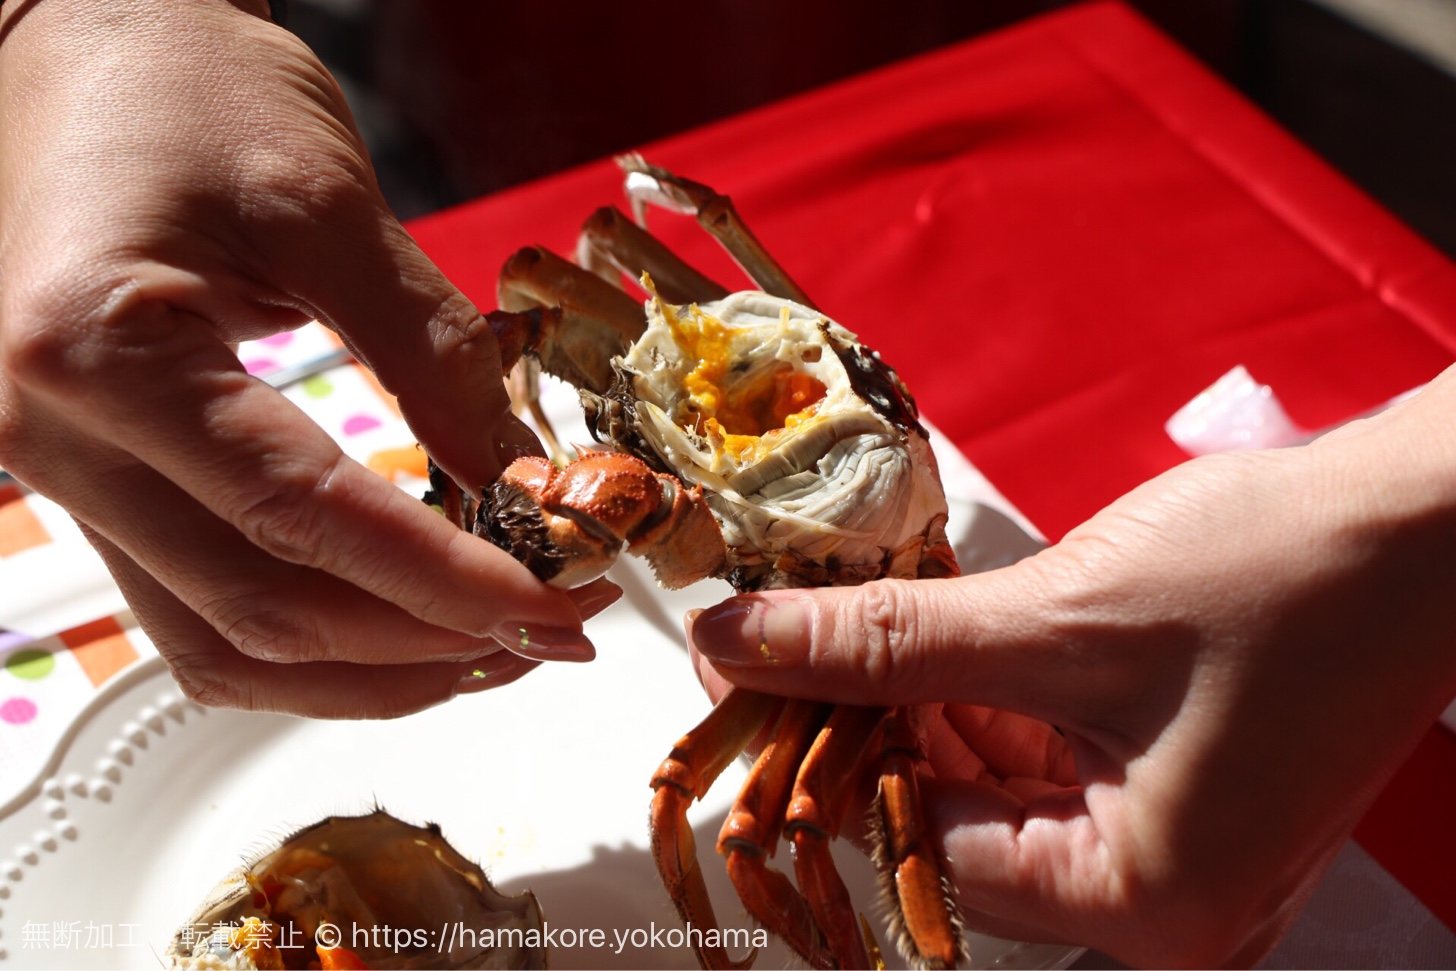 上海蟹の剥き方